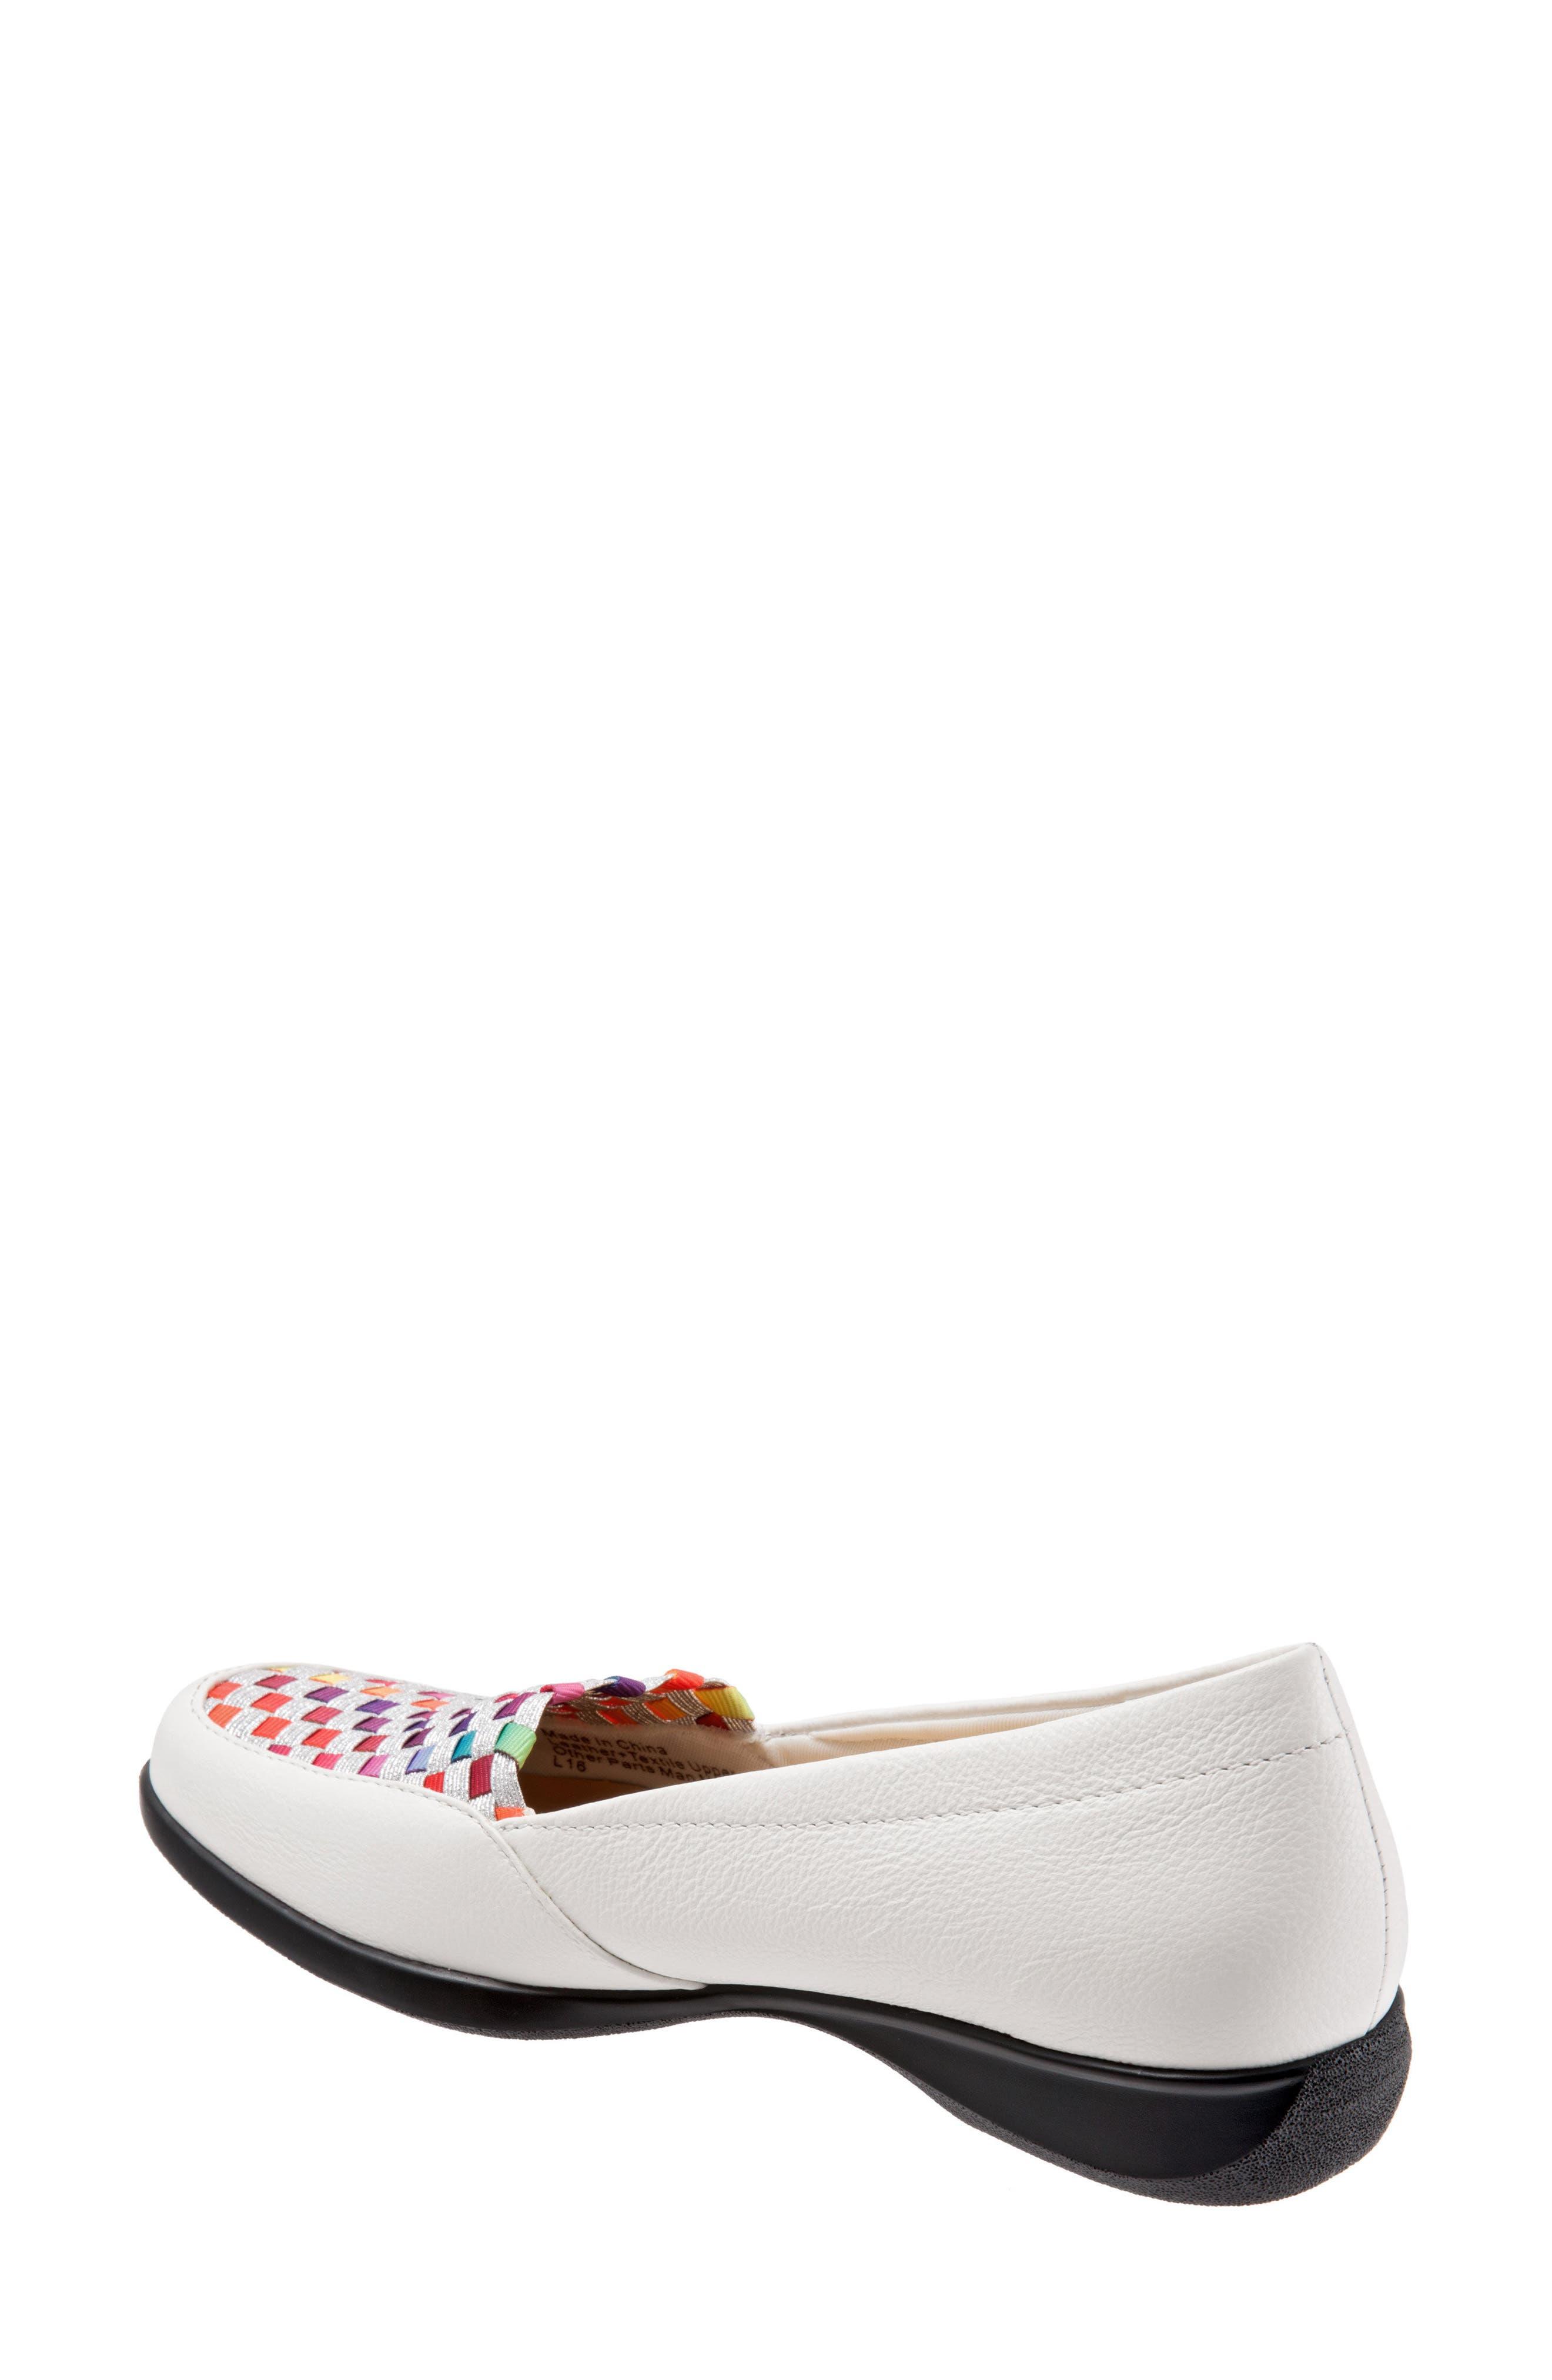 Alternate Image 2  - Trotters Jenkins Loafer Flat (Women)